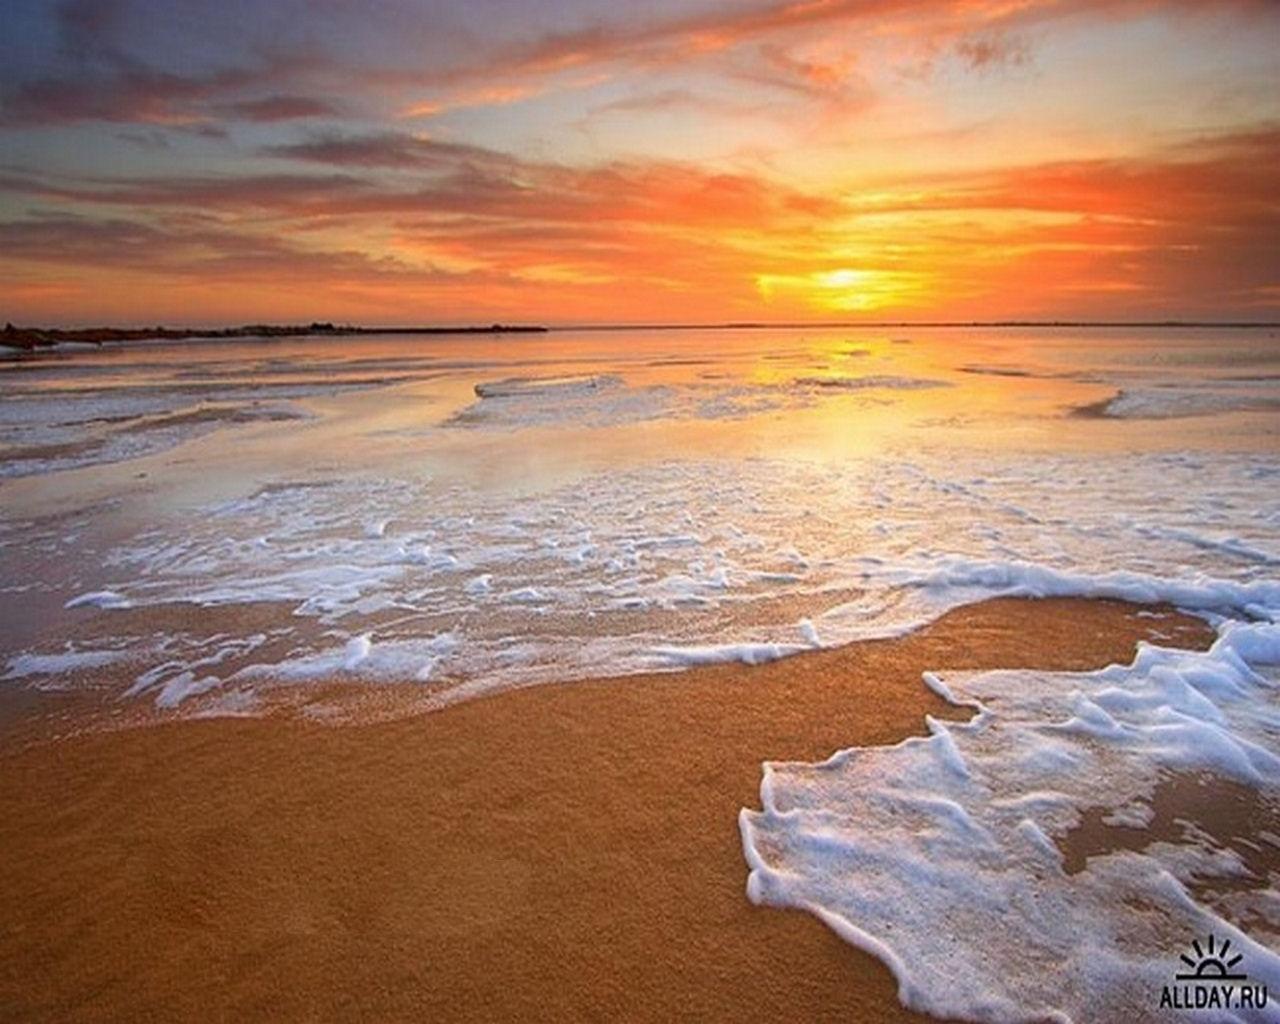 576壁紙のダウンロード風景, 日没, スカイ, 海, ビーチ, オレンジ-スクリーンセーバーと写真を無料で